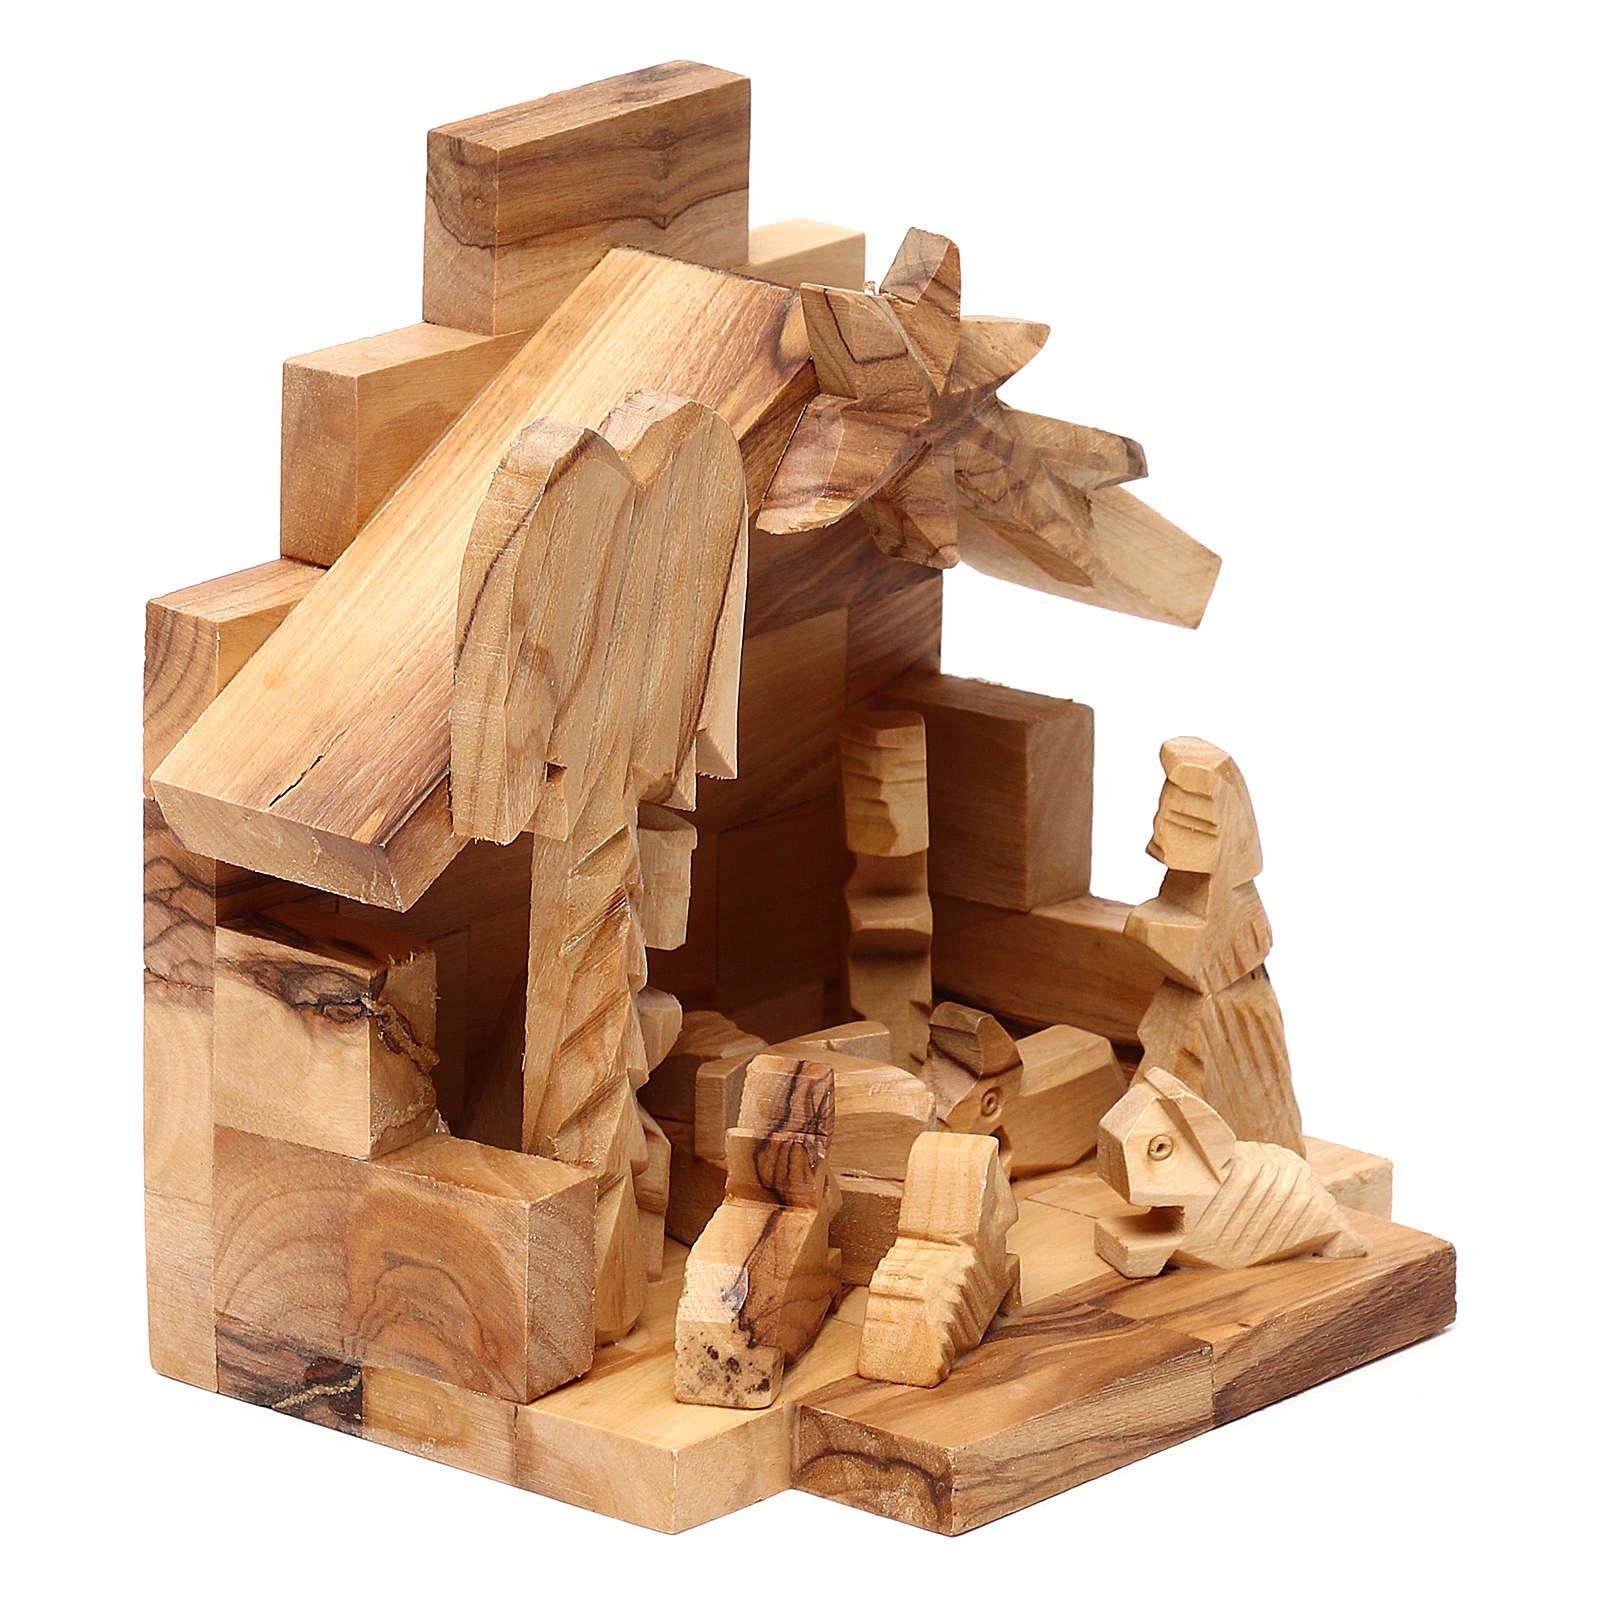 Cabaña de madera olivo de Belén con Natividad 10x15x10 cm 4